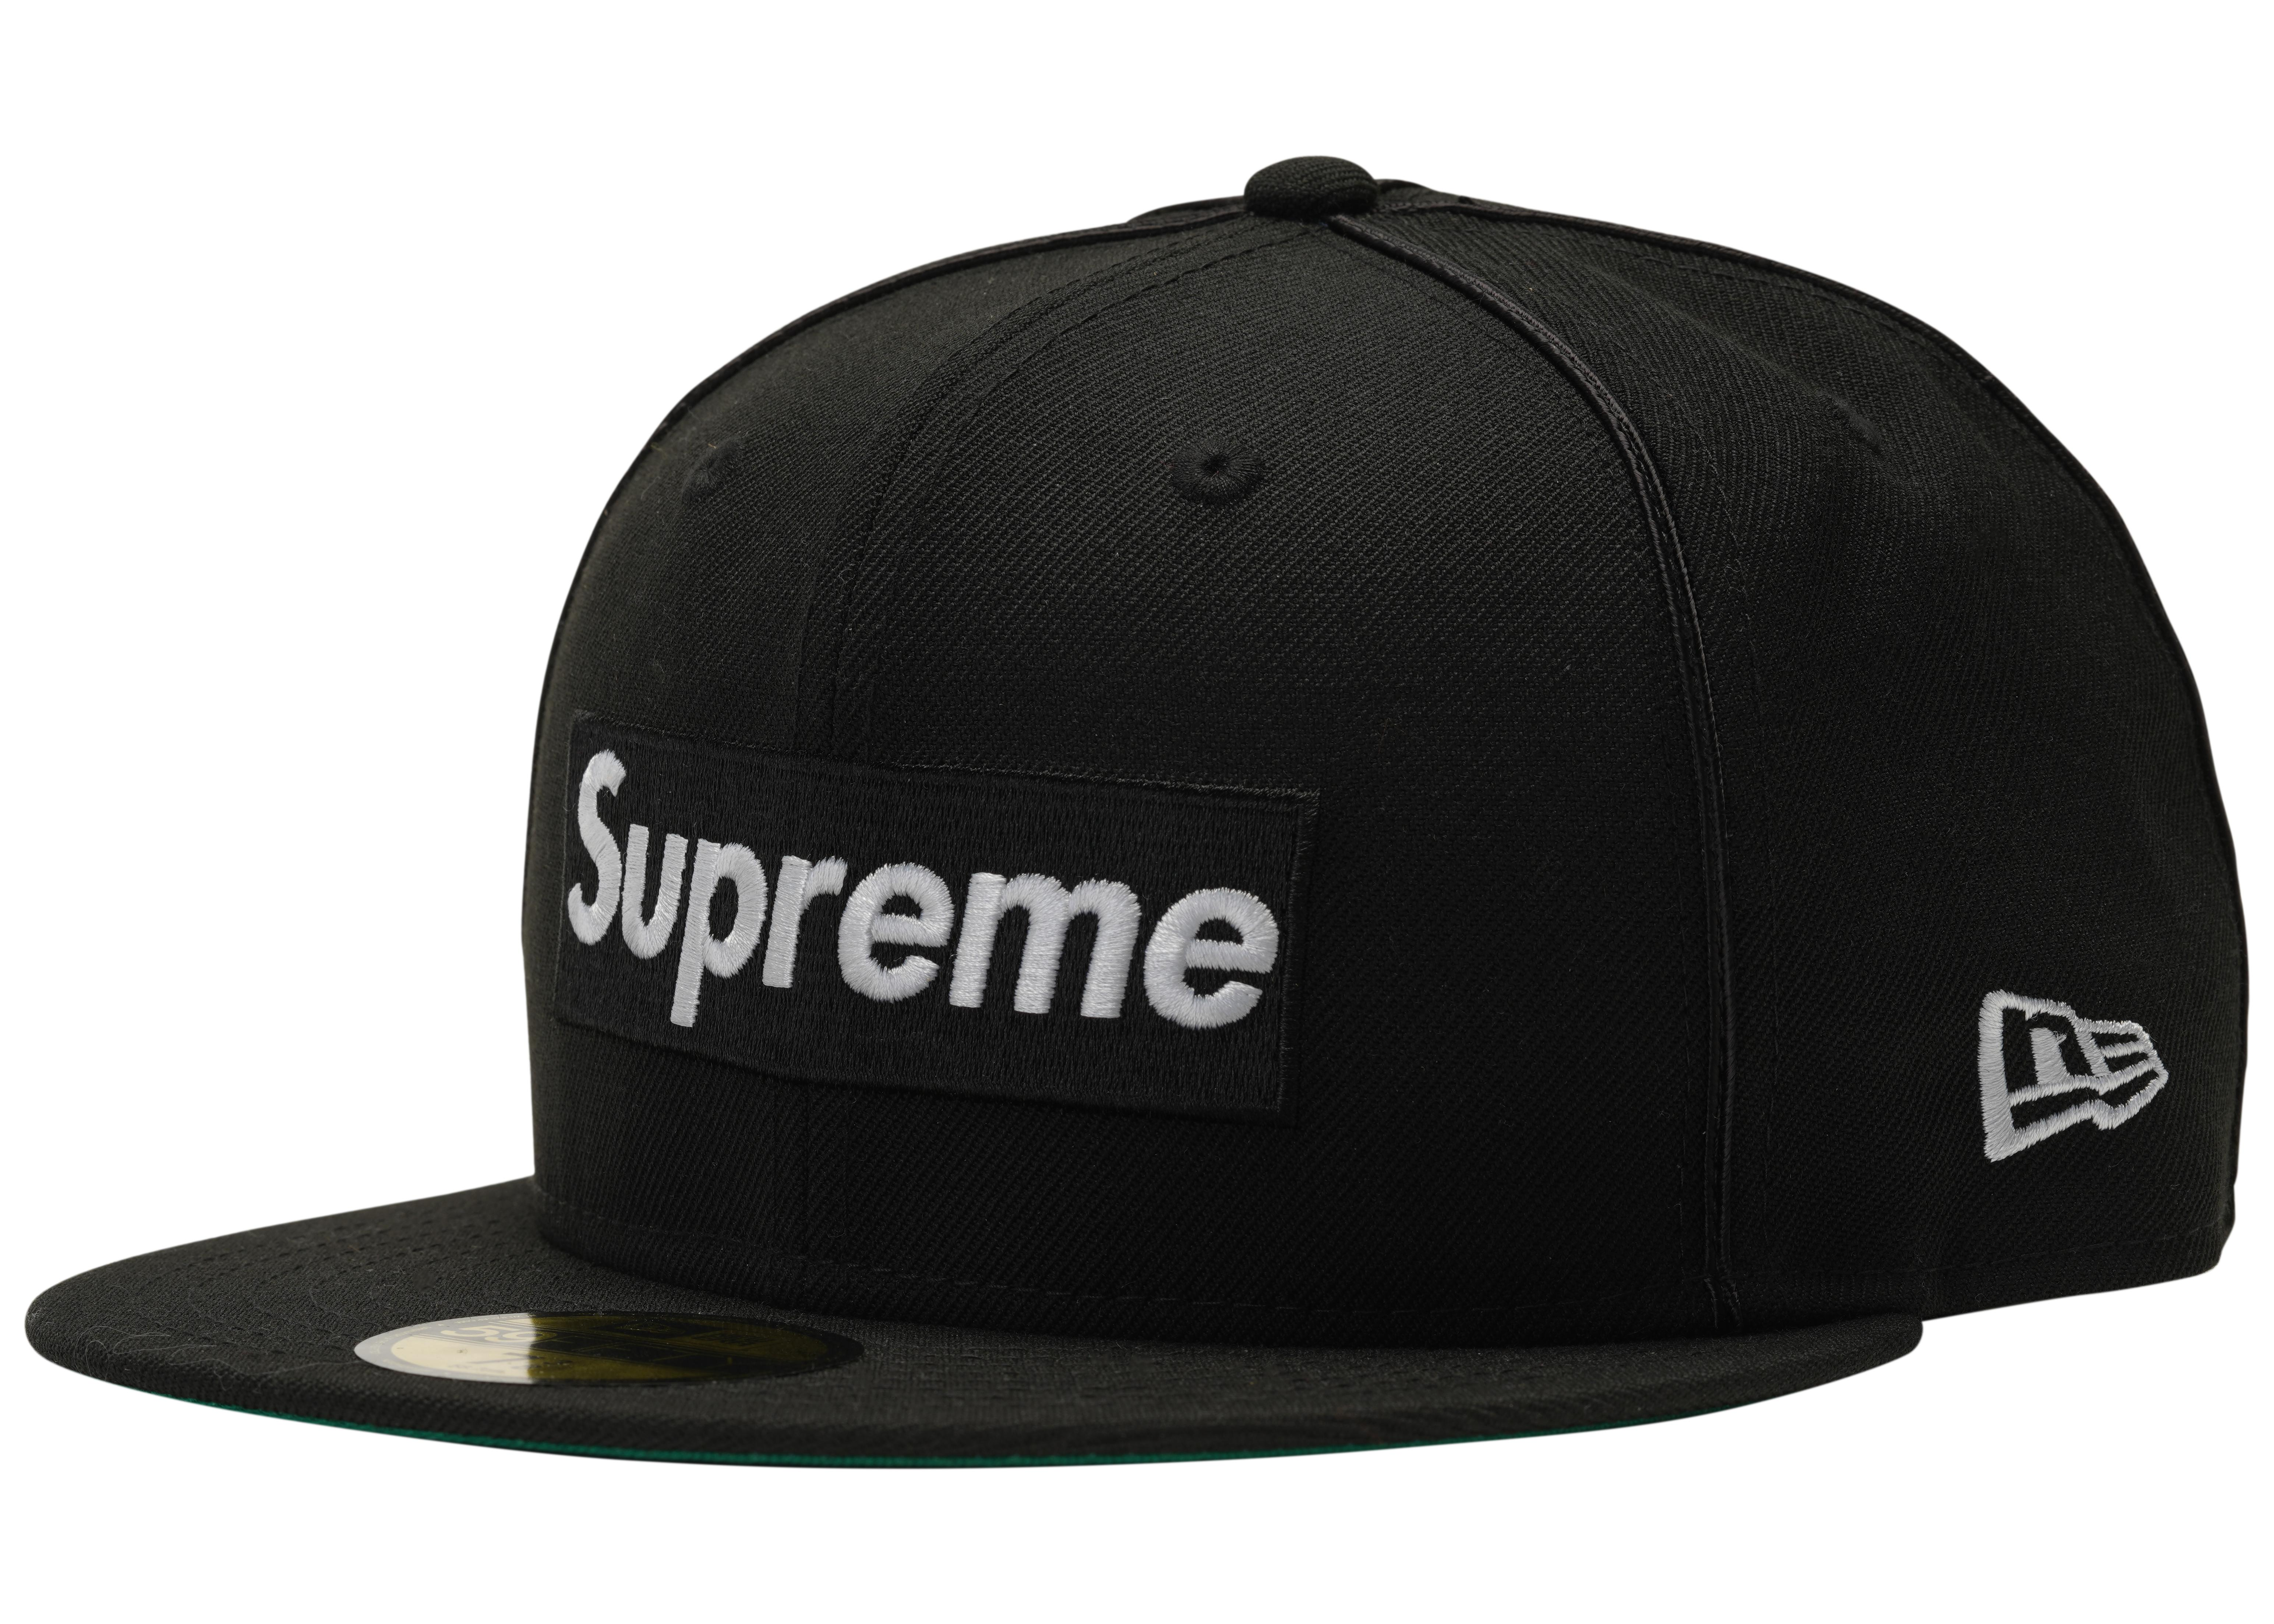 Lyst - Supreme Piping Box Logo New Era Black in Black for Men 6268ef63e0f